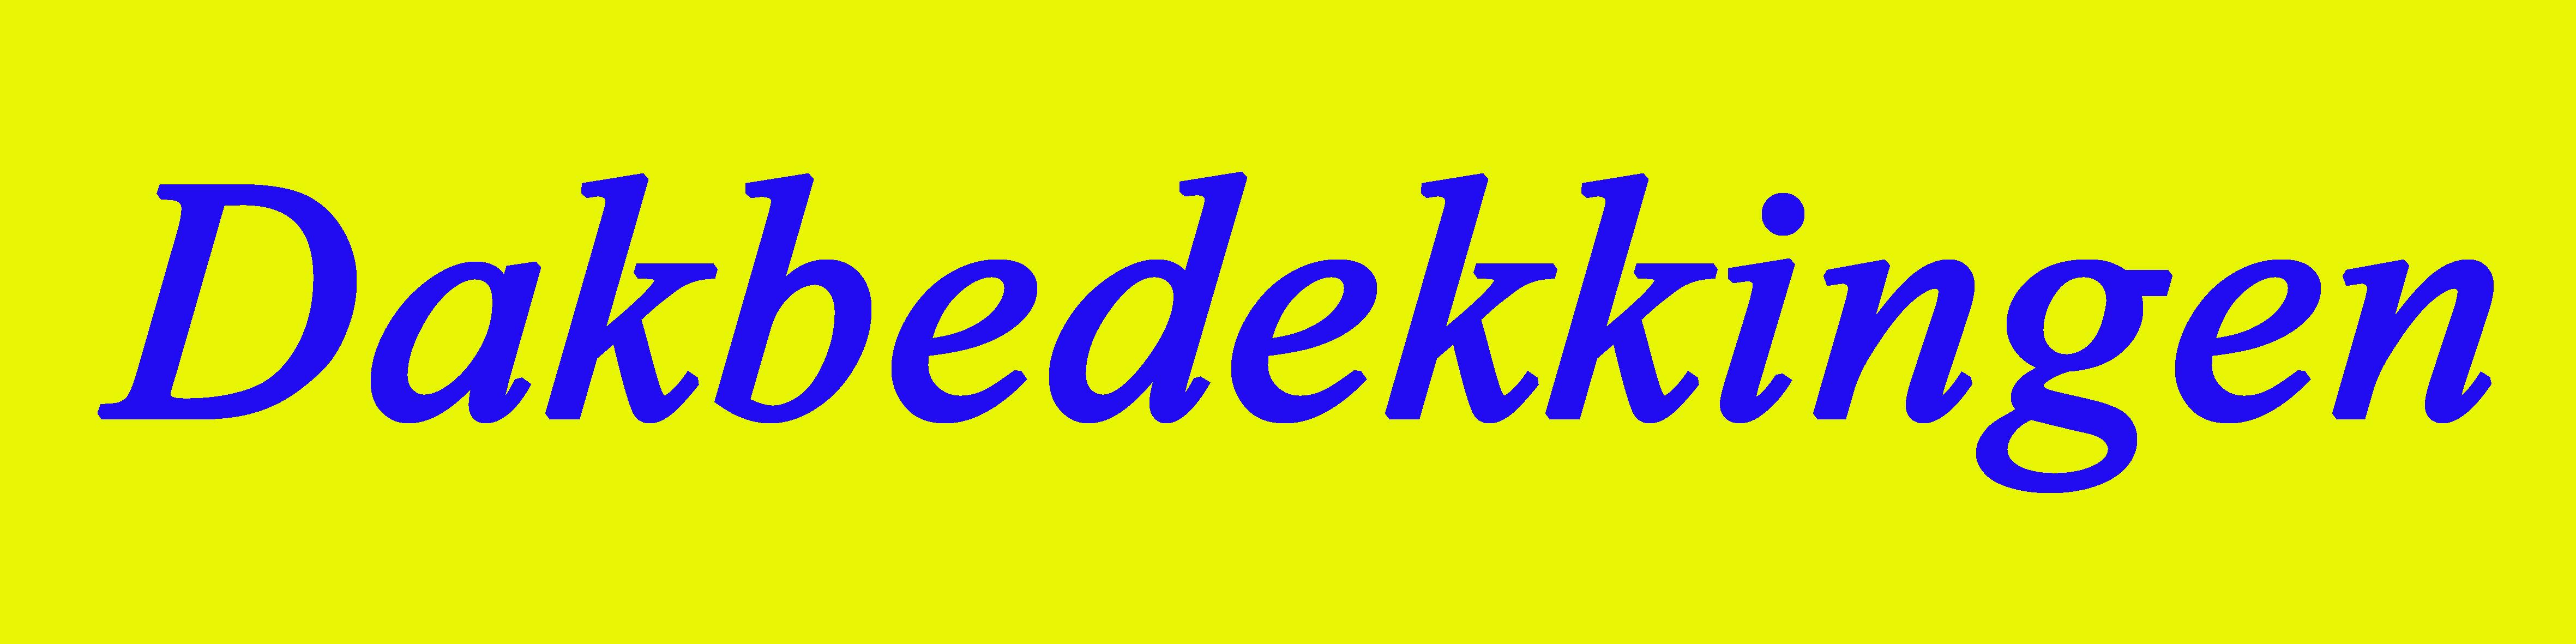 TOP 100 Dakbedekkingen